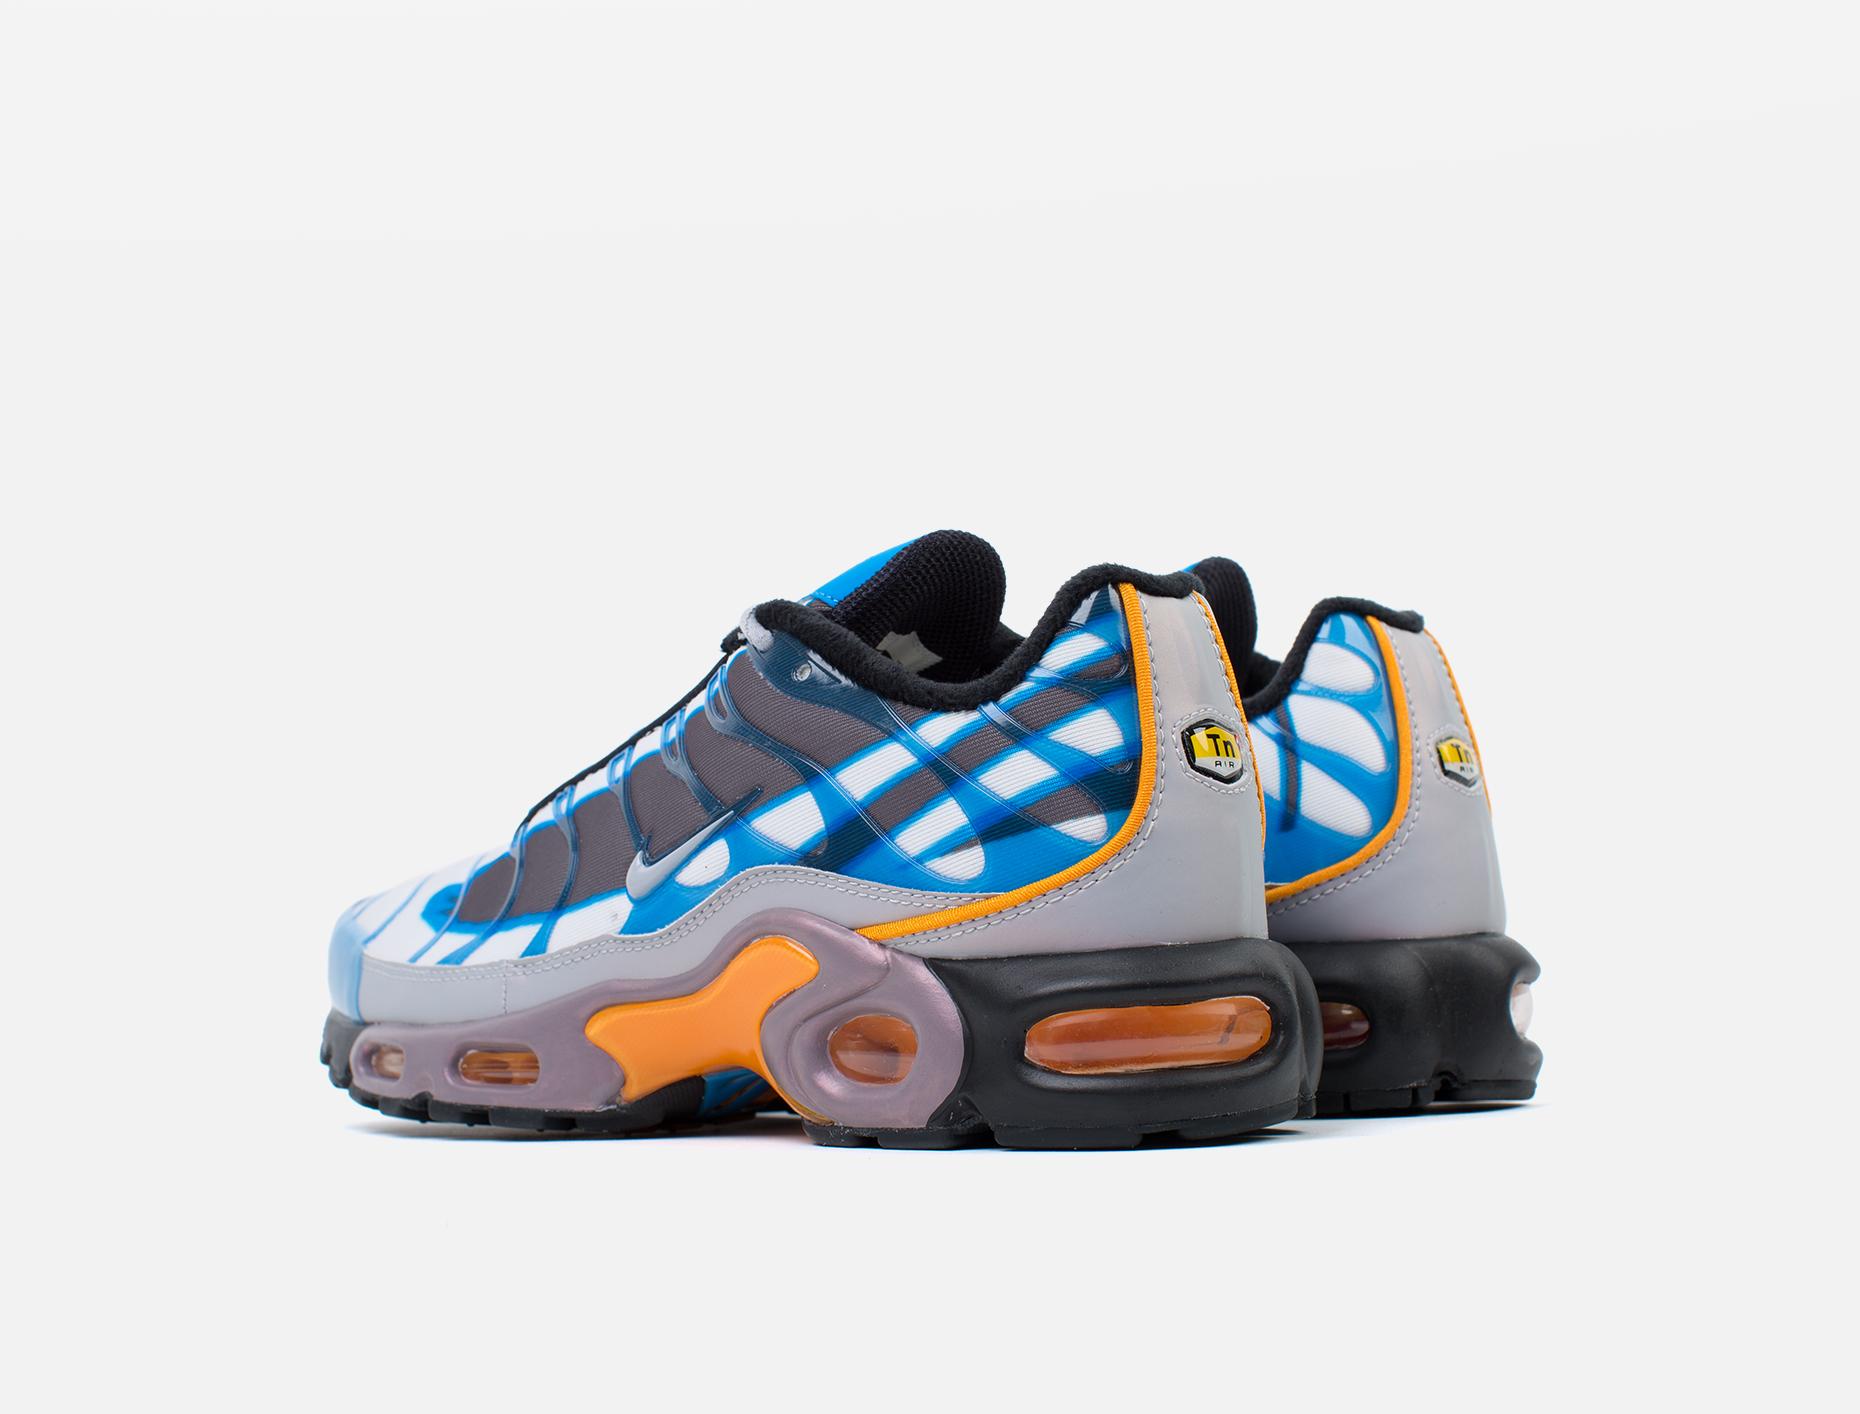 348c371065c ... Preview  Air Max Plus Premium Sneaker